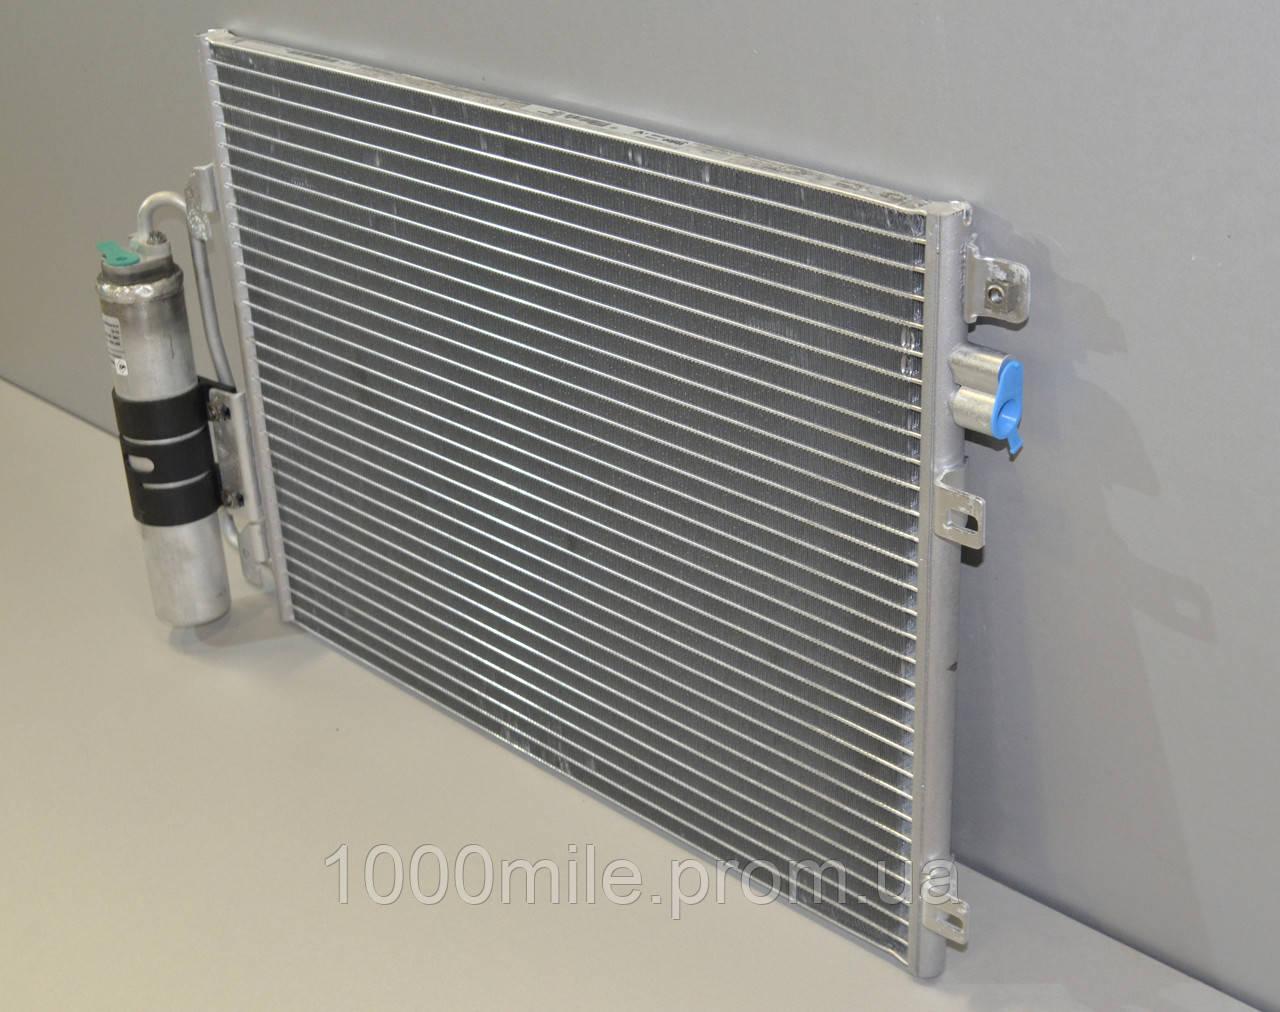 Радиатор охлаждения двигателя на Renault Kangoo 97->08 1.5dCi+1.2 16V+1.6 — Renault (Оригинал) - 8200757789